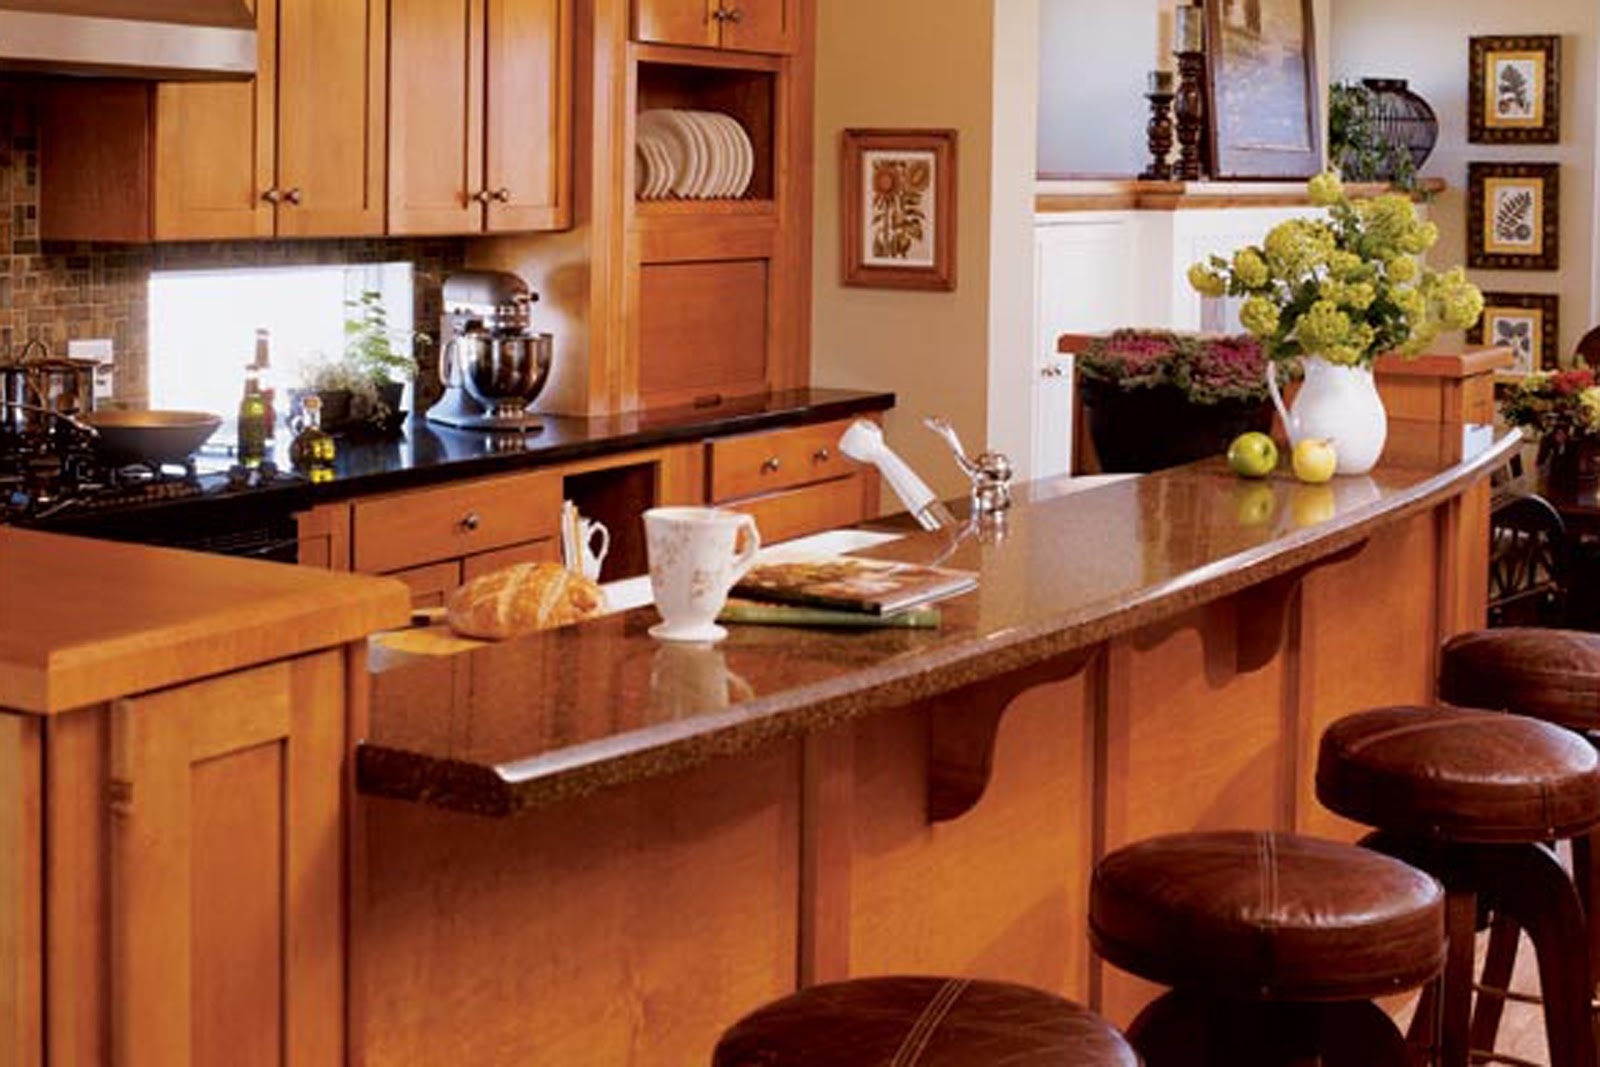 Simply Elegant Home Designs Blog: February 2011